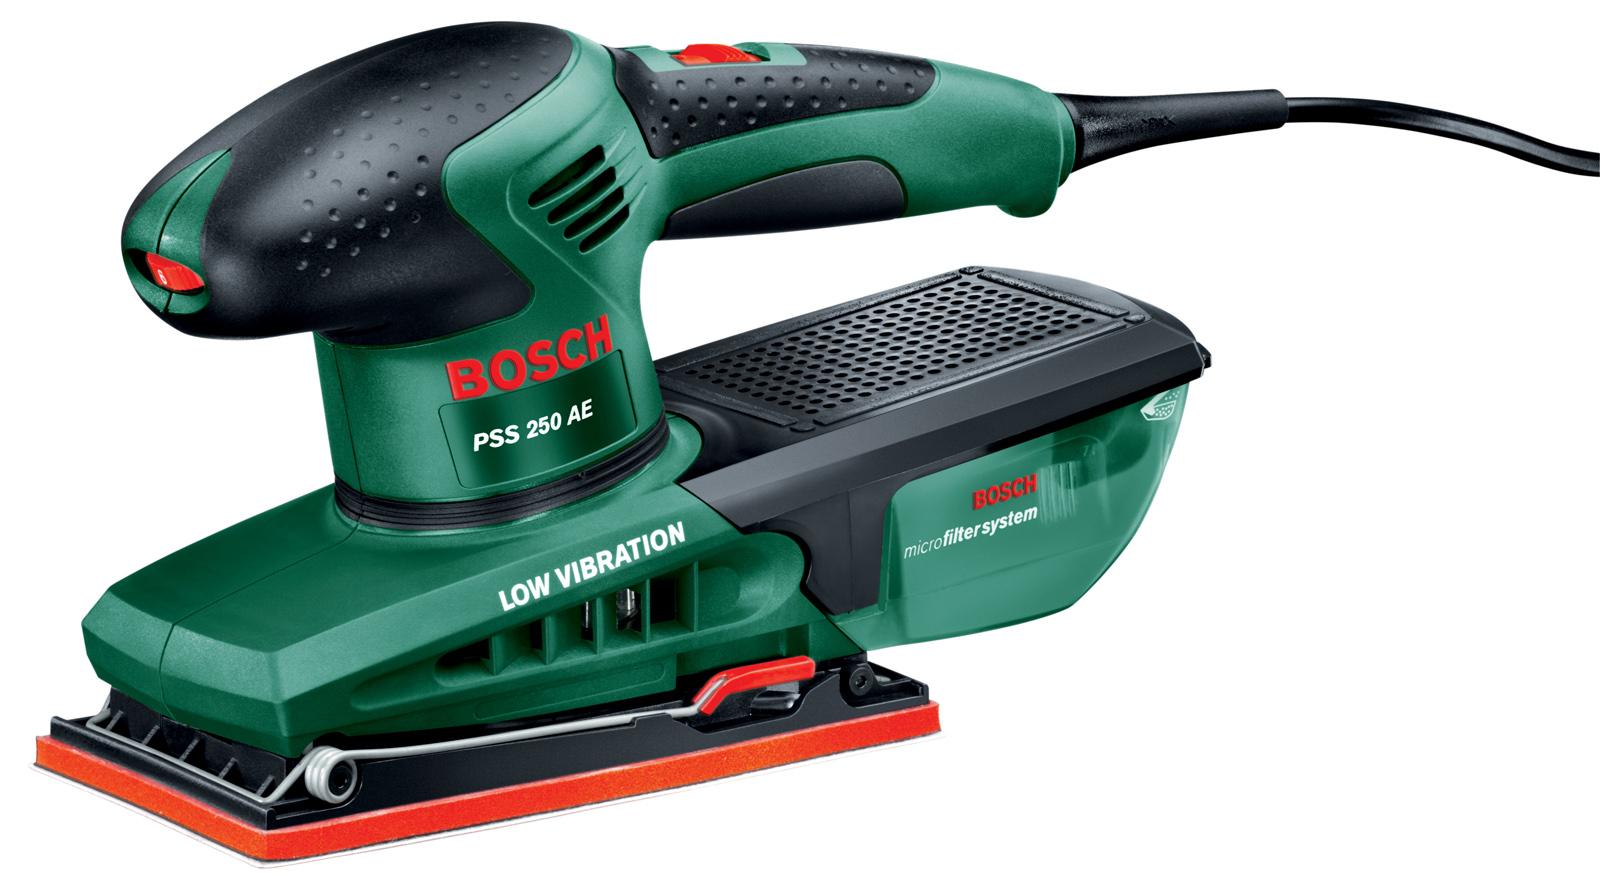 Машинка шлифовальная плоская (вибрационная) Bosch Pss 250 ae